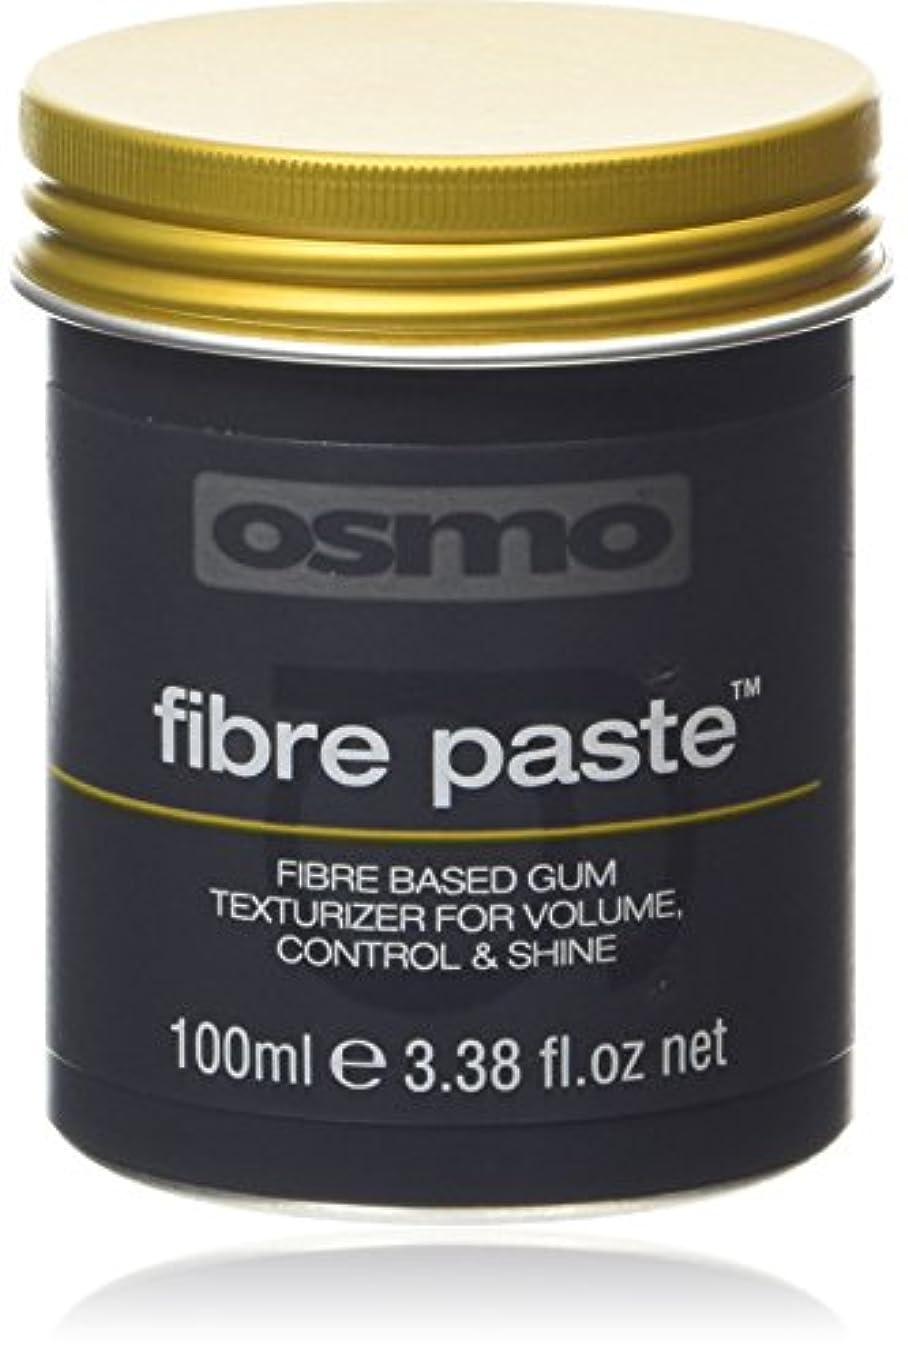 拡声器犠牲今晩アレス OSMO グルーミングヘアワックス ファイバーペースト 100ml